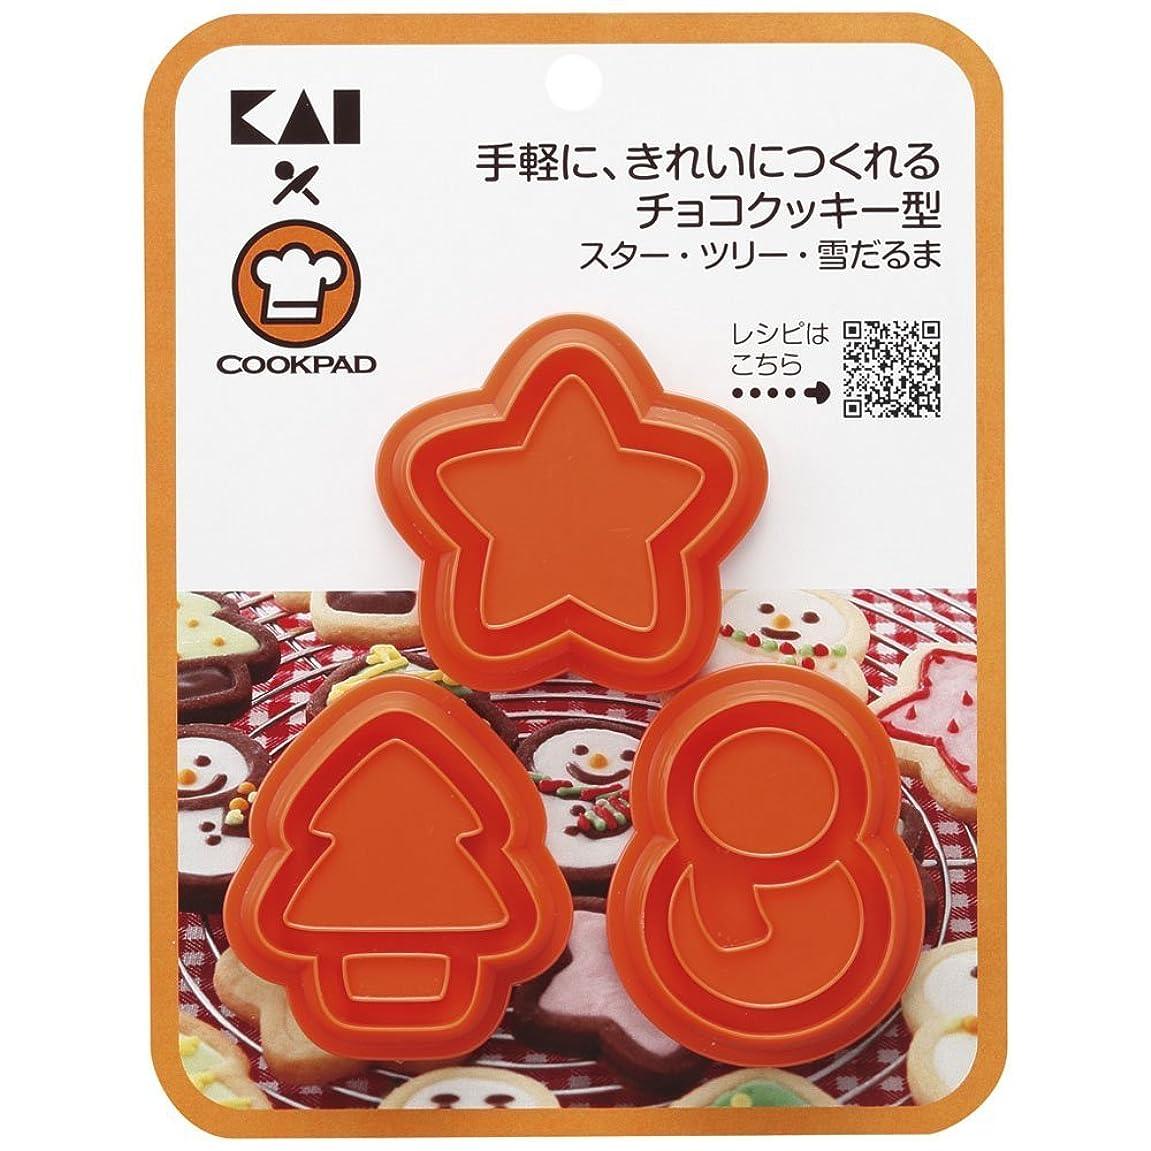 そばに別の崩壊チョコクッキー型 3個入り (スター?ツリー?雪だるま)